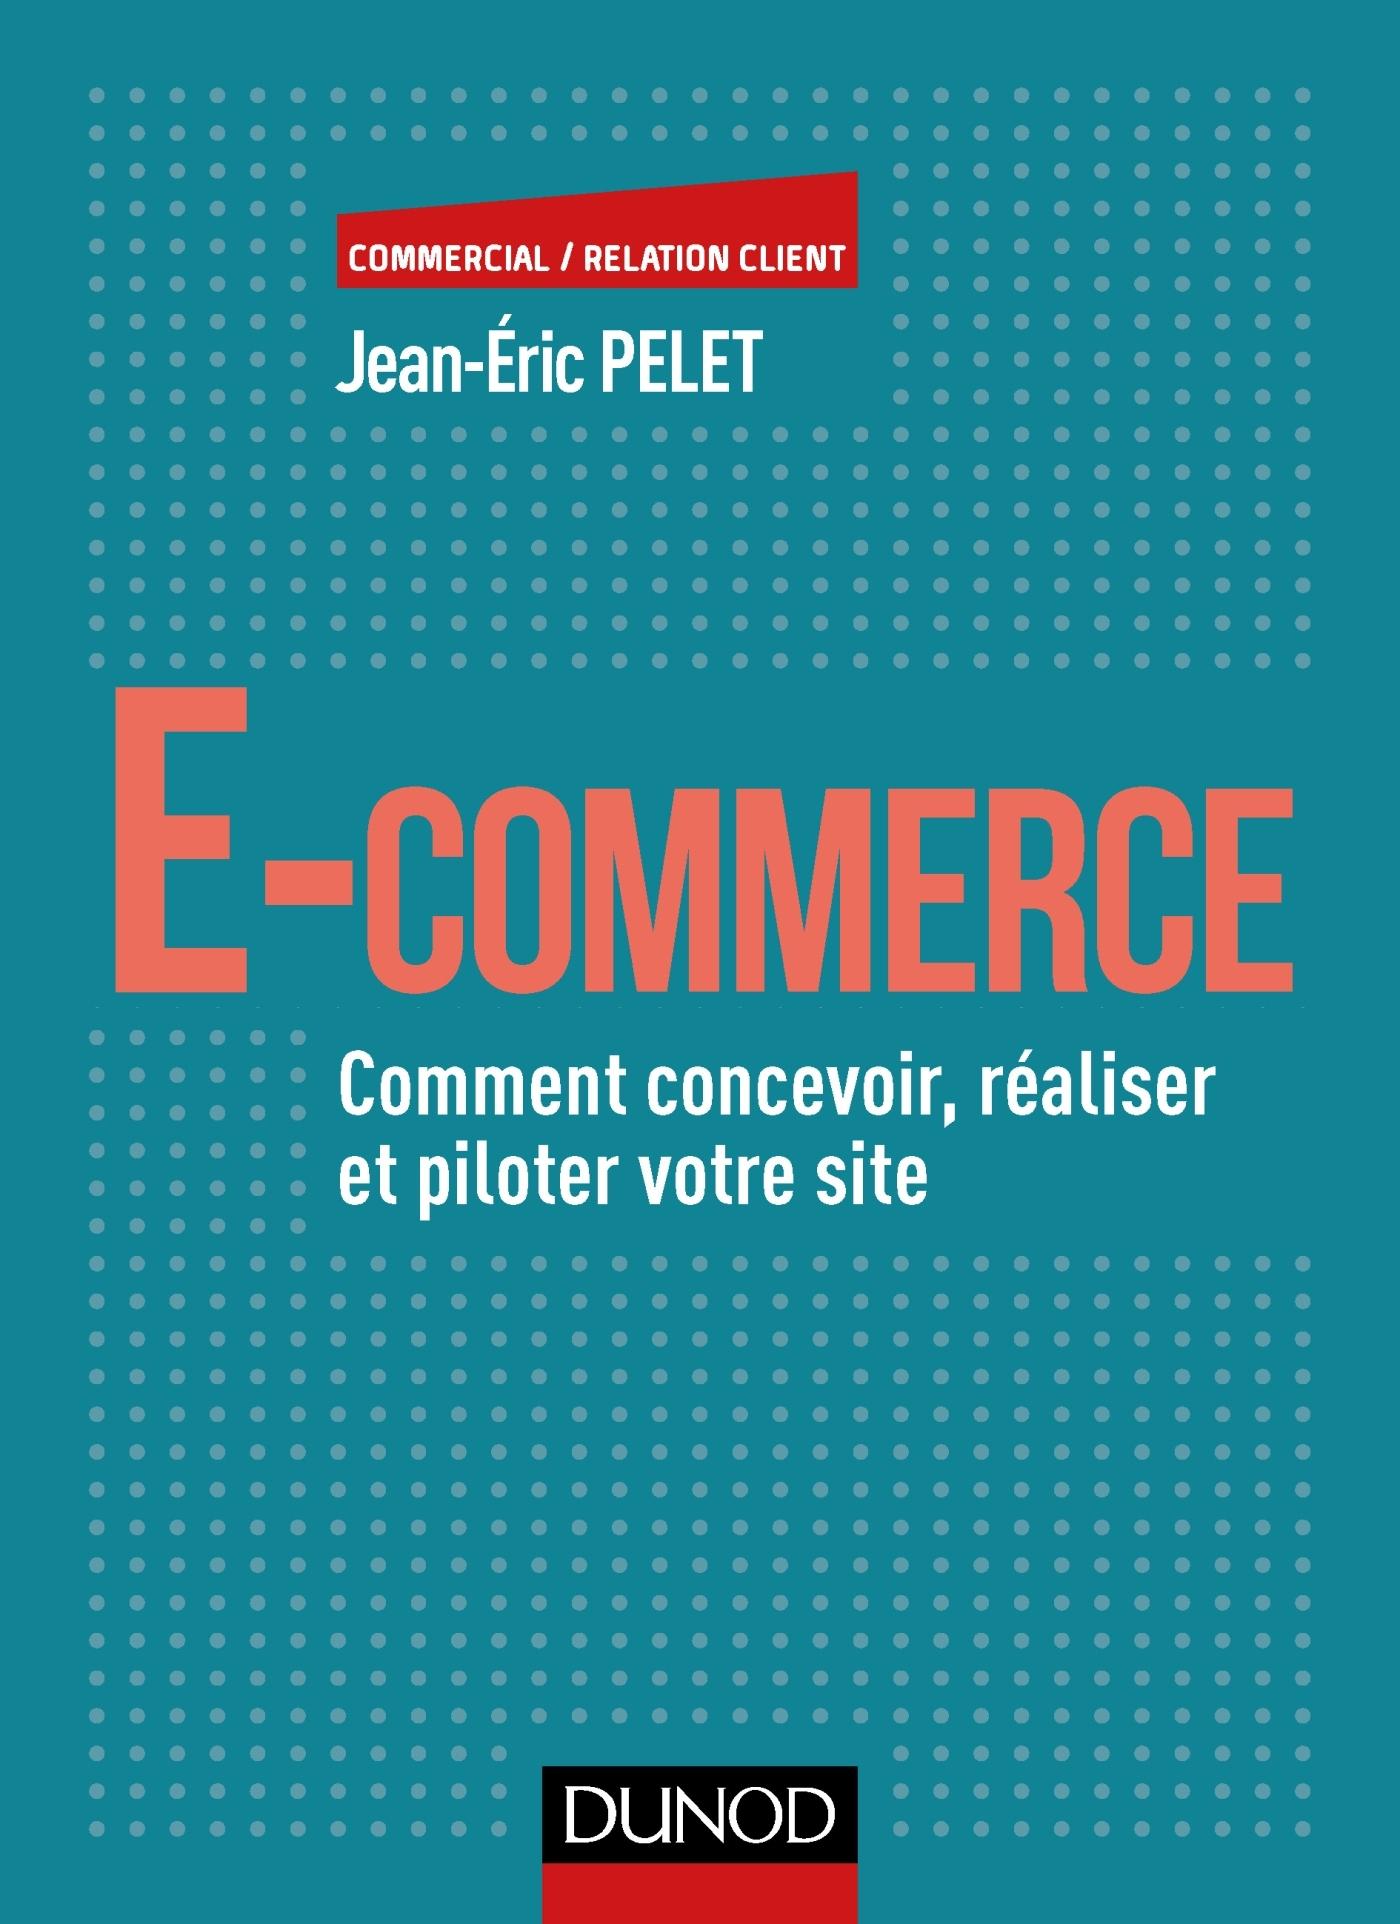 E-COMMERCE - COMMENT CONCEVOIR, REALISER ET PILOTER VOTRE SITE